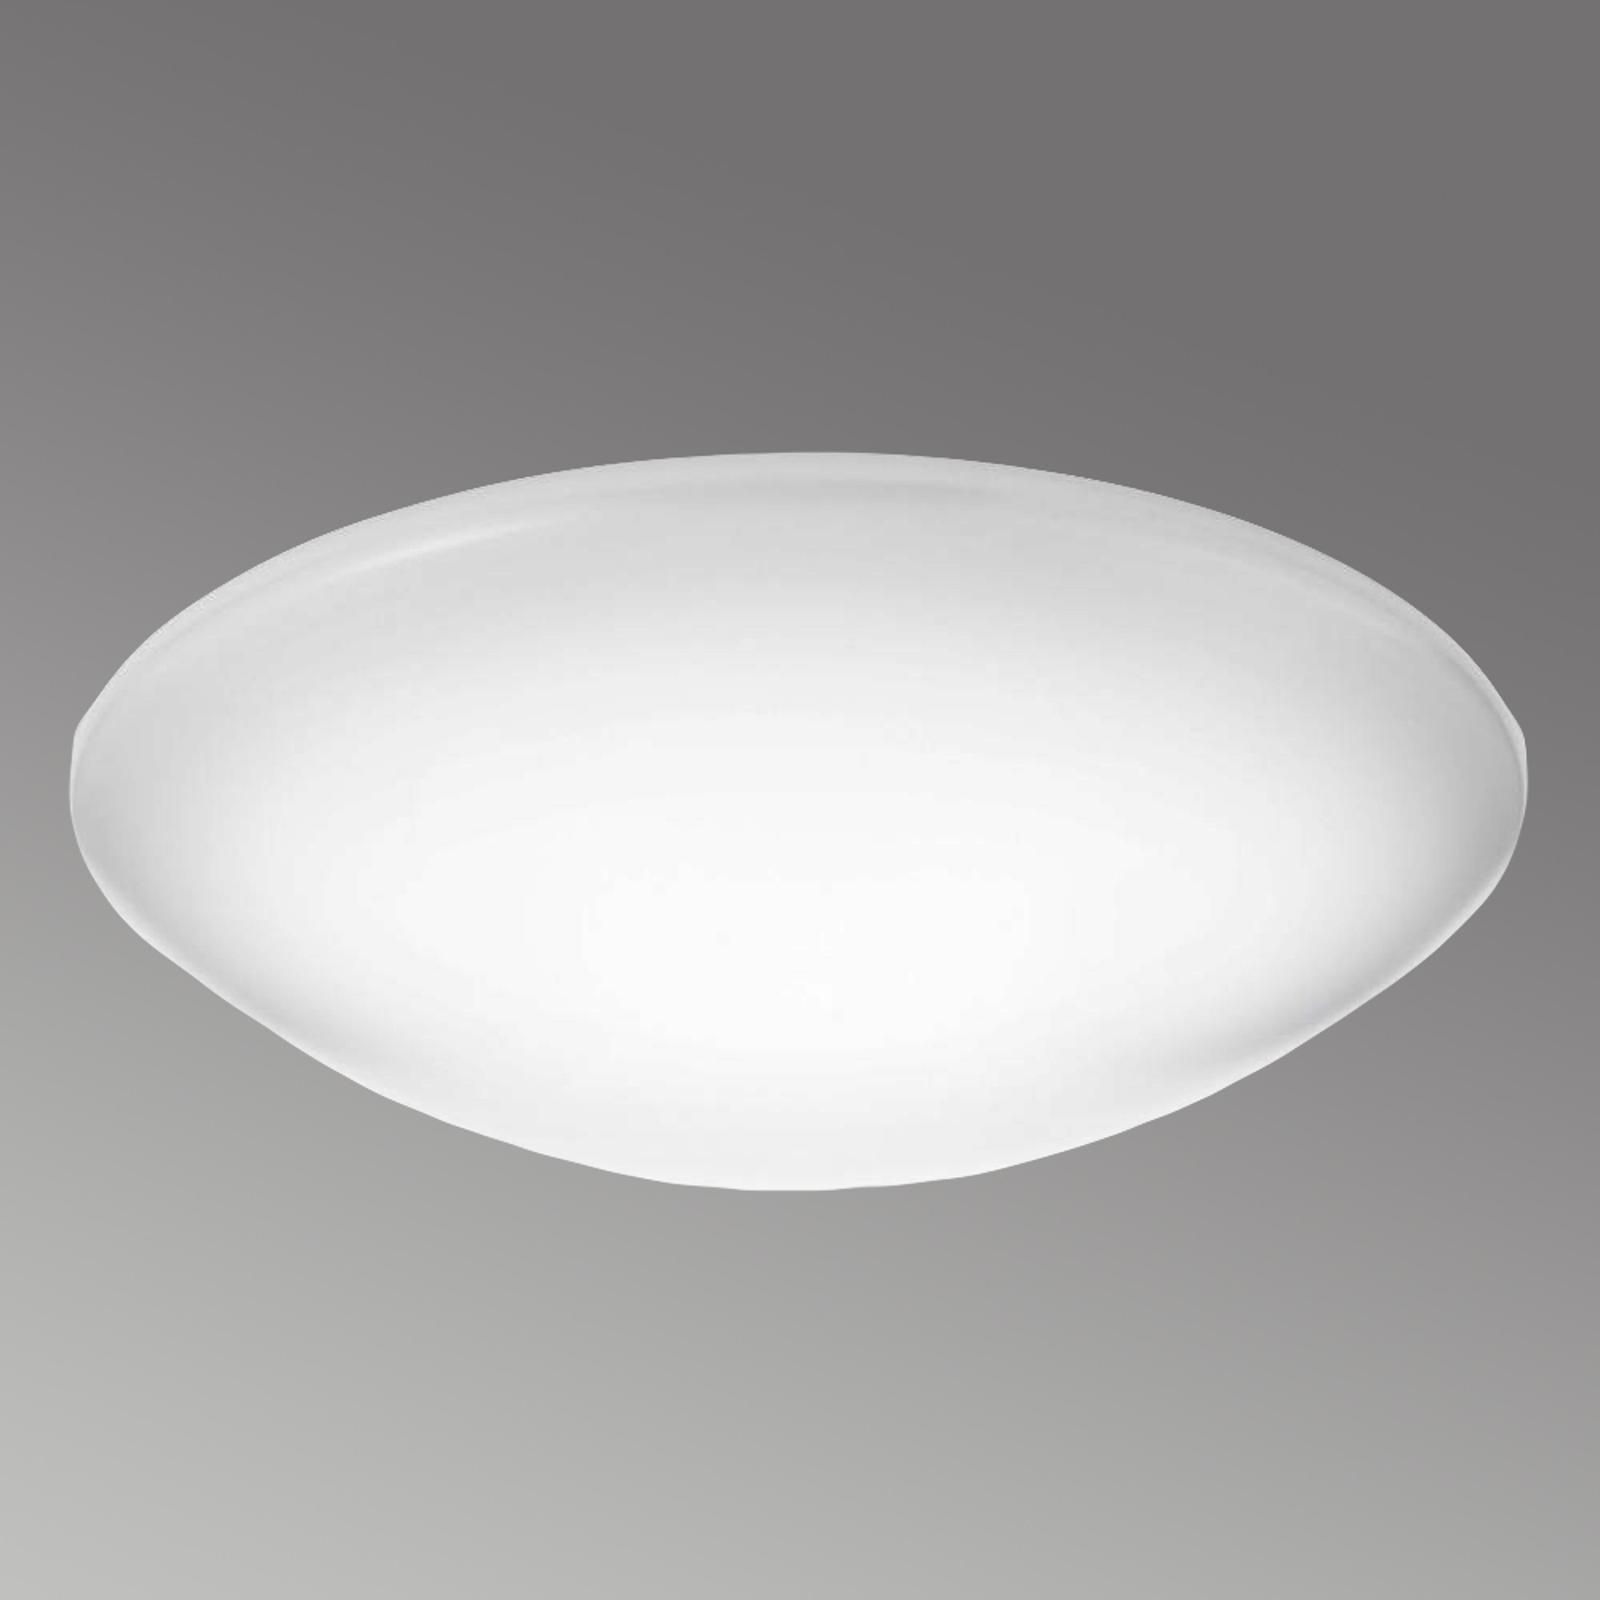 Duża lampa sufitowa LED Suede z tw. sztucznego